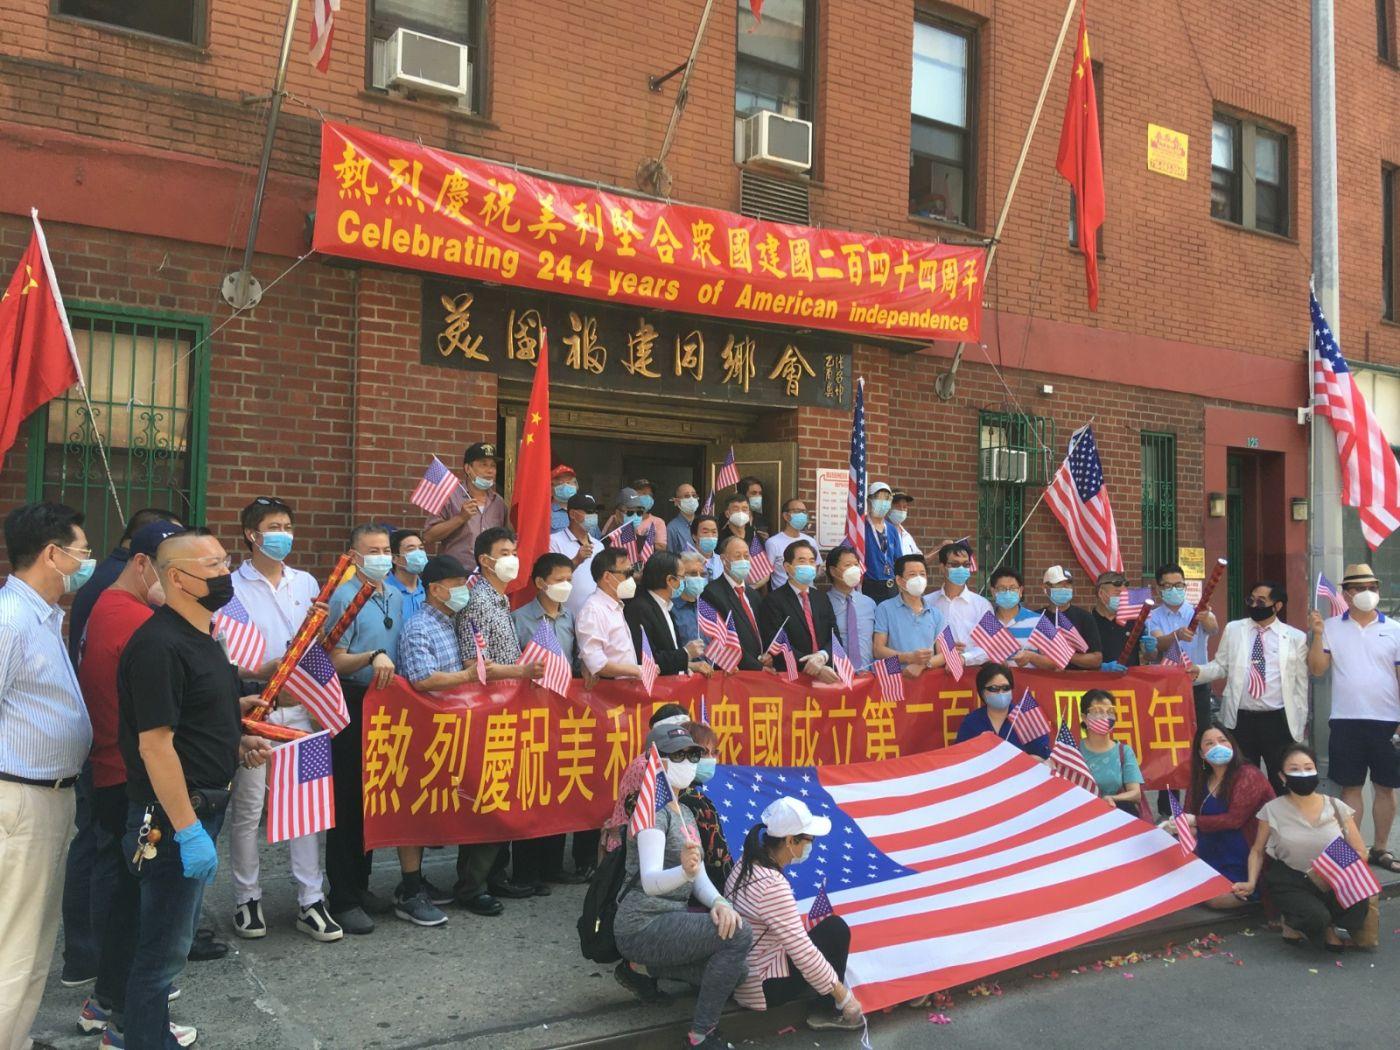 美国福建同乡会举行庆祝美利坚合众国建国244周年活动_图1-23